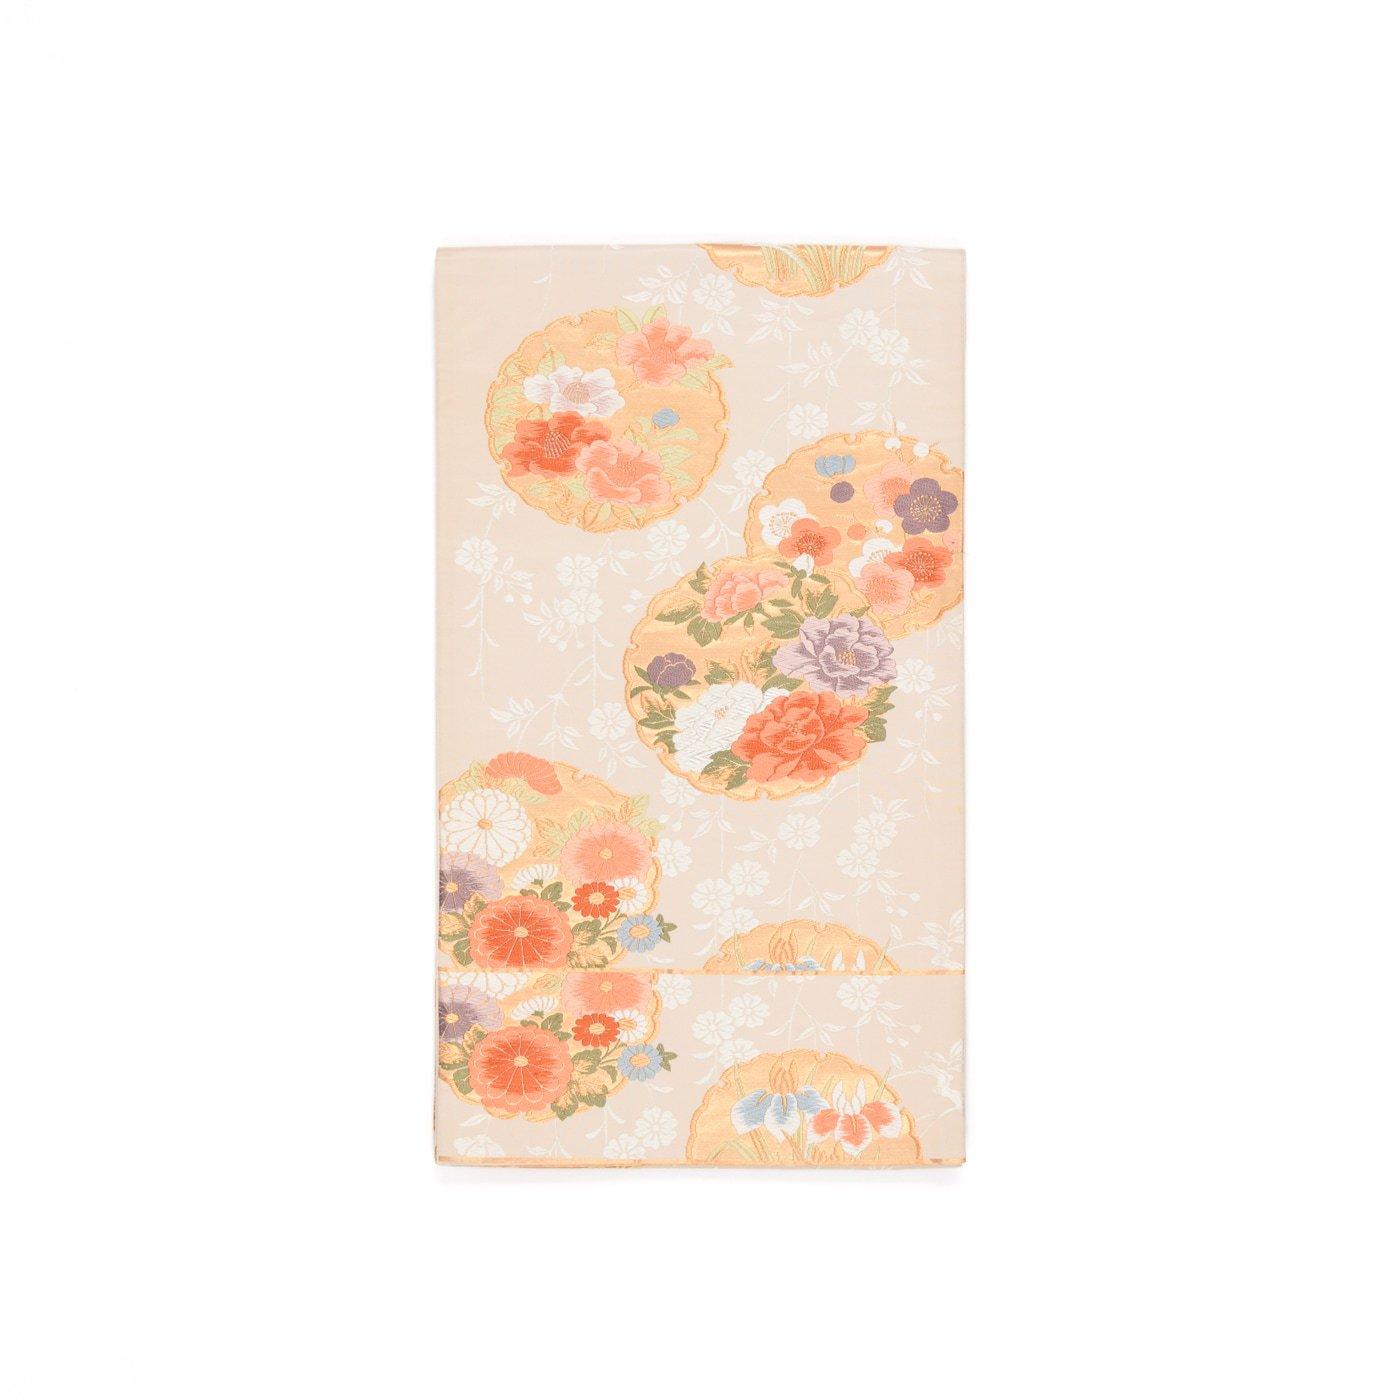 「袋帯●金の雪輪に花」の商品画像